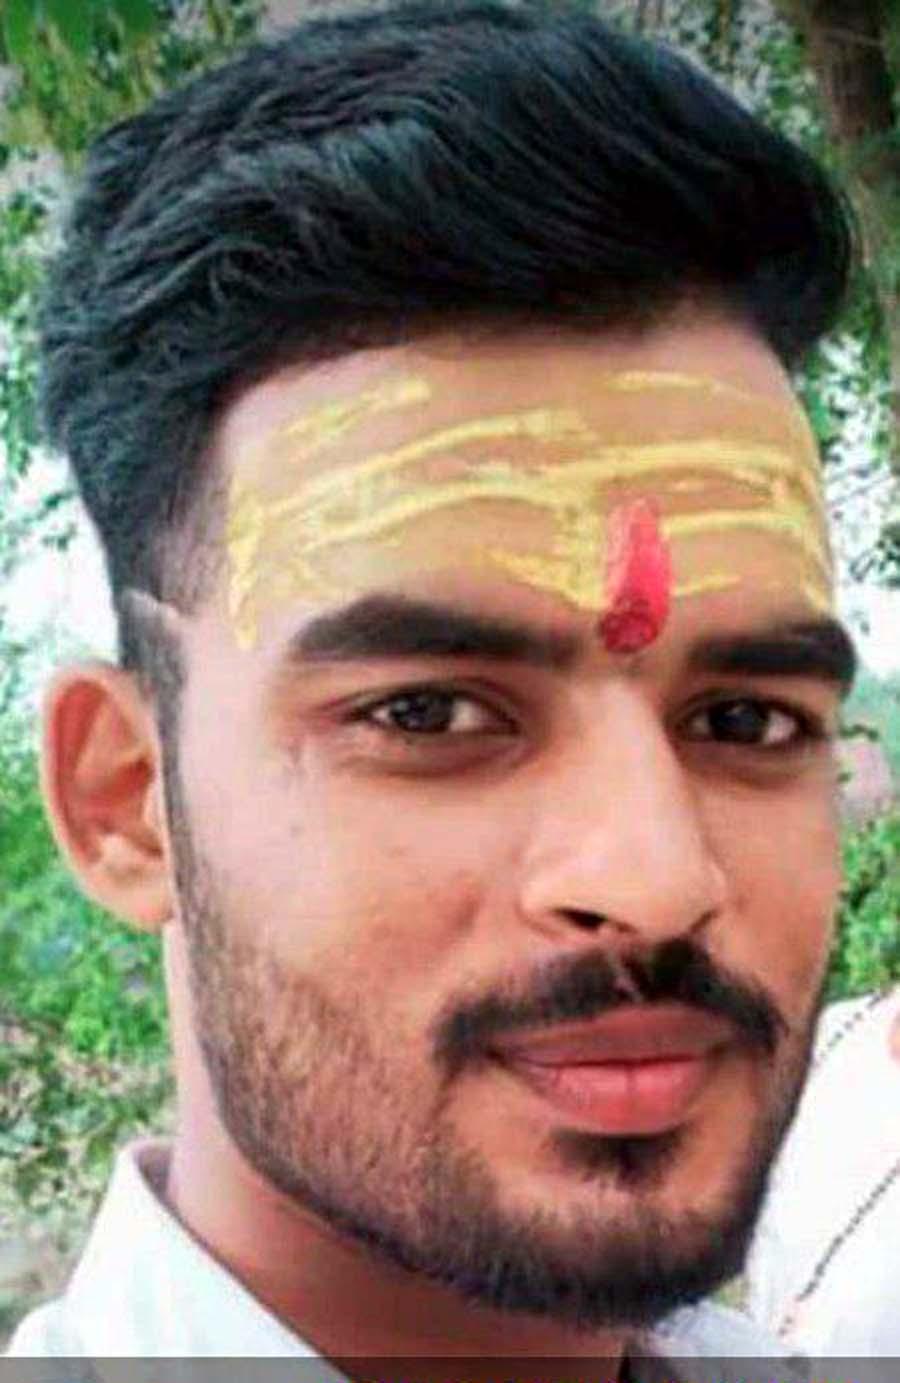 जौनपुर। जलालपुर थाना क्षेत्र के सेहमलपुर गांव निवासी सुदीप यादव 20 वर्ष पुत्र अमरनाथ यादव की ट्रेन की चपेट में आने से दर्दनाक मौत हो गयी। चर्चा है कि सुधीर किसी कार्य हेतु बीती रात 11 बजे घर से निकला जो लखनऊ-वाराणसी रेलमार्ग पर मालगाड़ी की चपेट में आ गया। परिणामस्वरूप उसकी मौके पर ही दर्दनाक मौत हो गयी। मालगाड़ी के लोको पायलट ने जलालपुर स्टेशन मास्टर को अवगत कराया जिस पर पहुंची पुलिस ने युवक की शिनाख्त करने के बाद अन्त्य परीक्षण हेतु भेज दिया। वहीं घर पर सुधीर की मौत की खबर पहुंचते ही कोहराम मच गया।